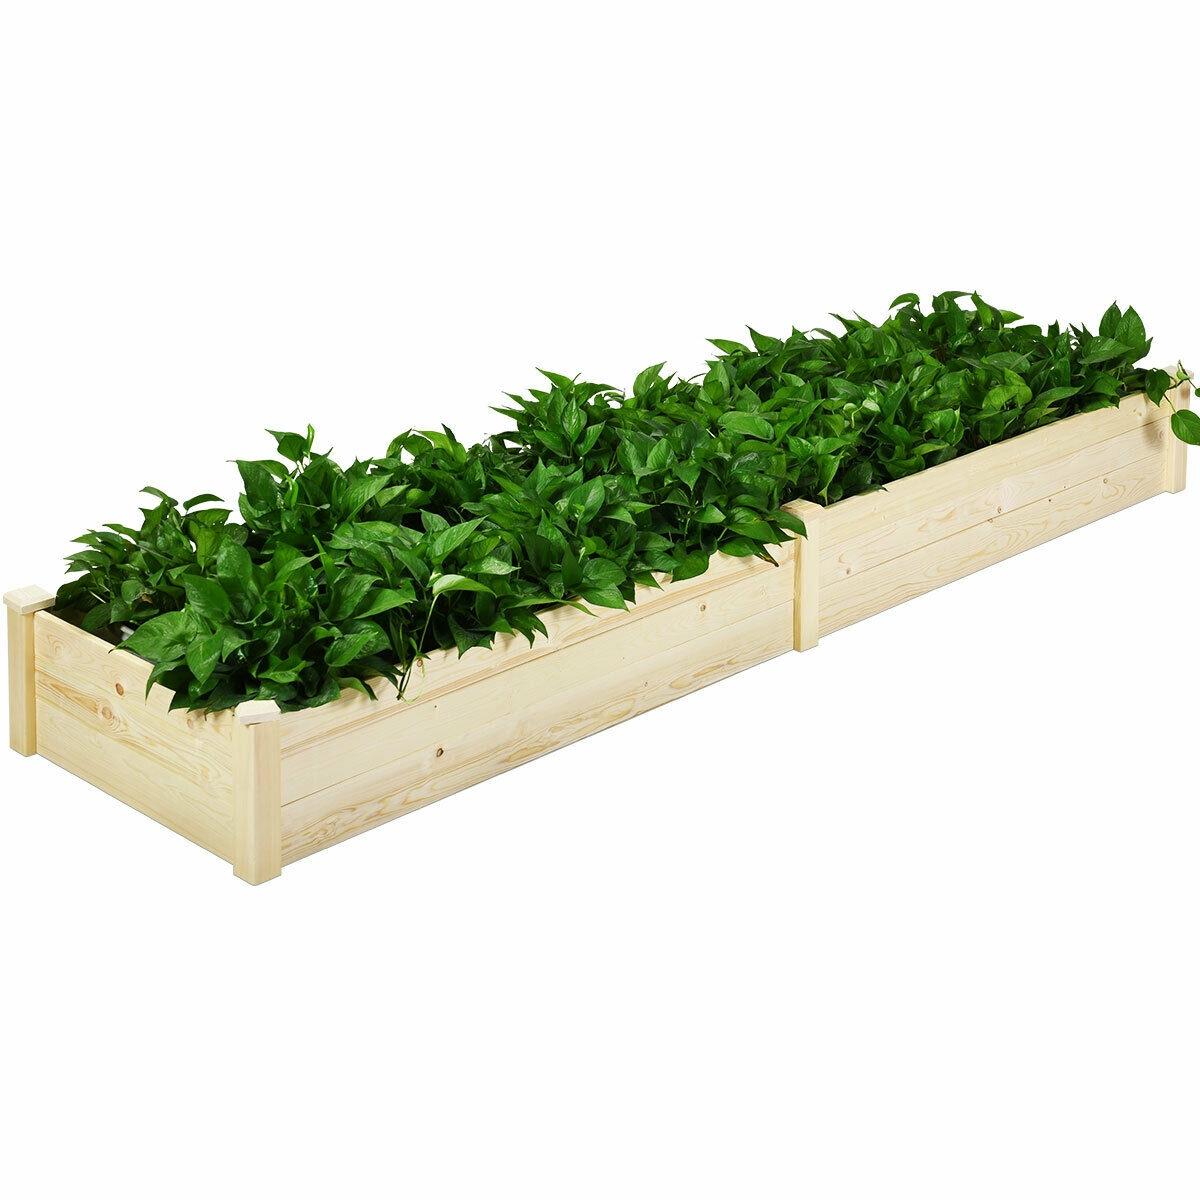 Raised Flowers Vegetables Garden Wooden Planter Box